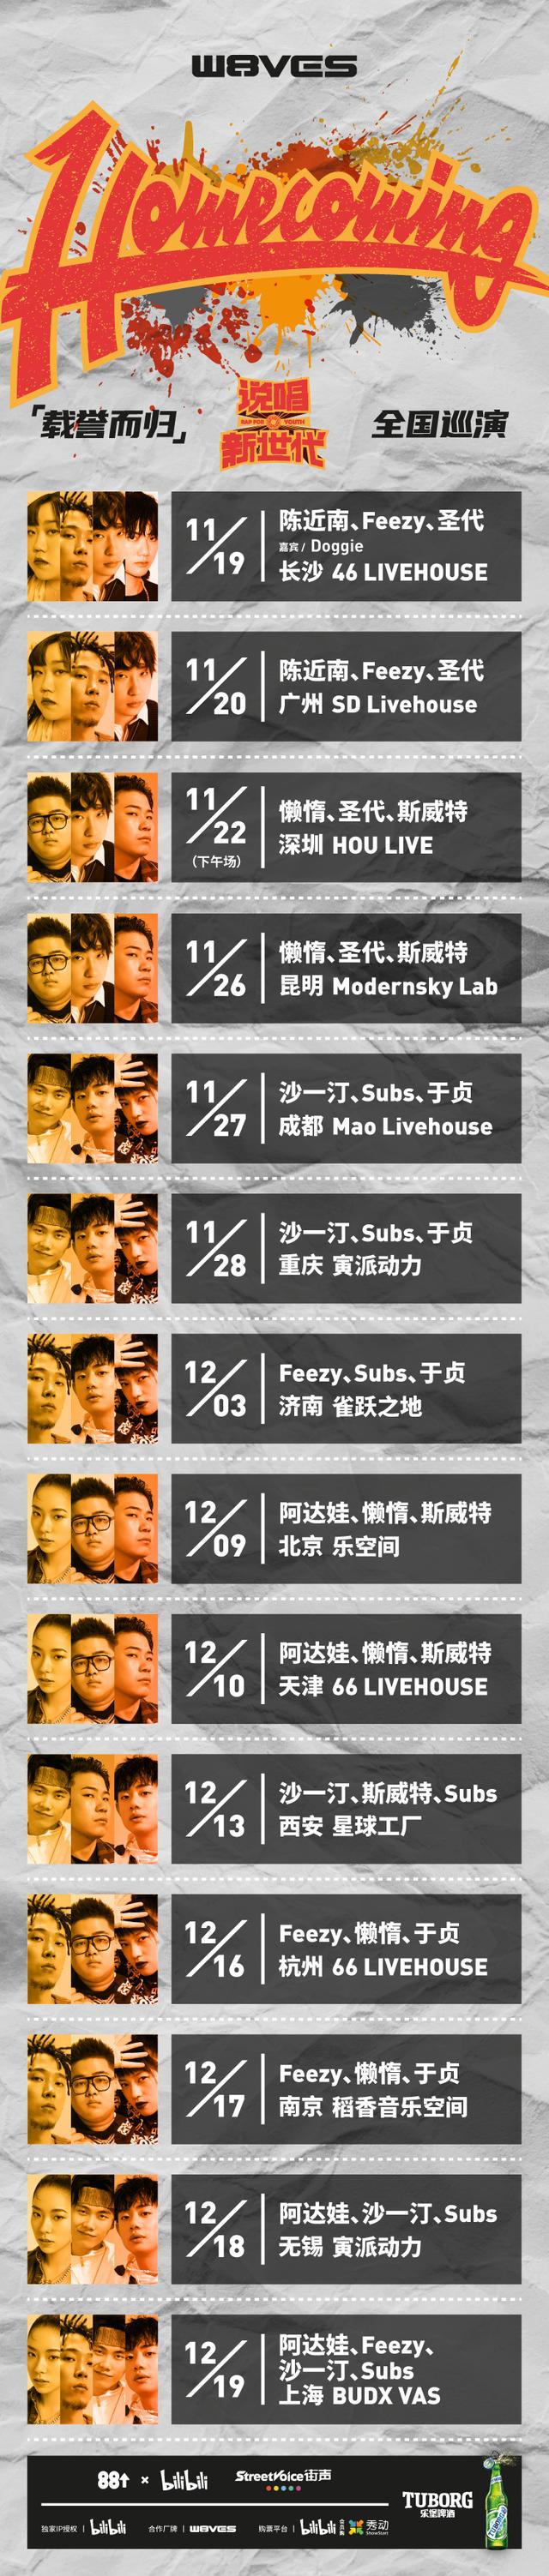 【北京站】「阿达娃/懒惰/斯威特」Homecoming《载誉而归》说唱新世代巡演LVH